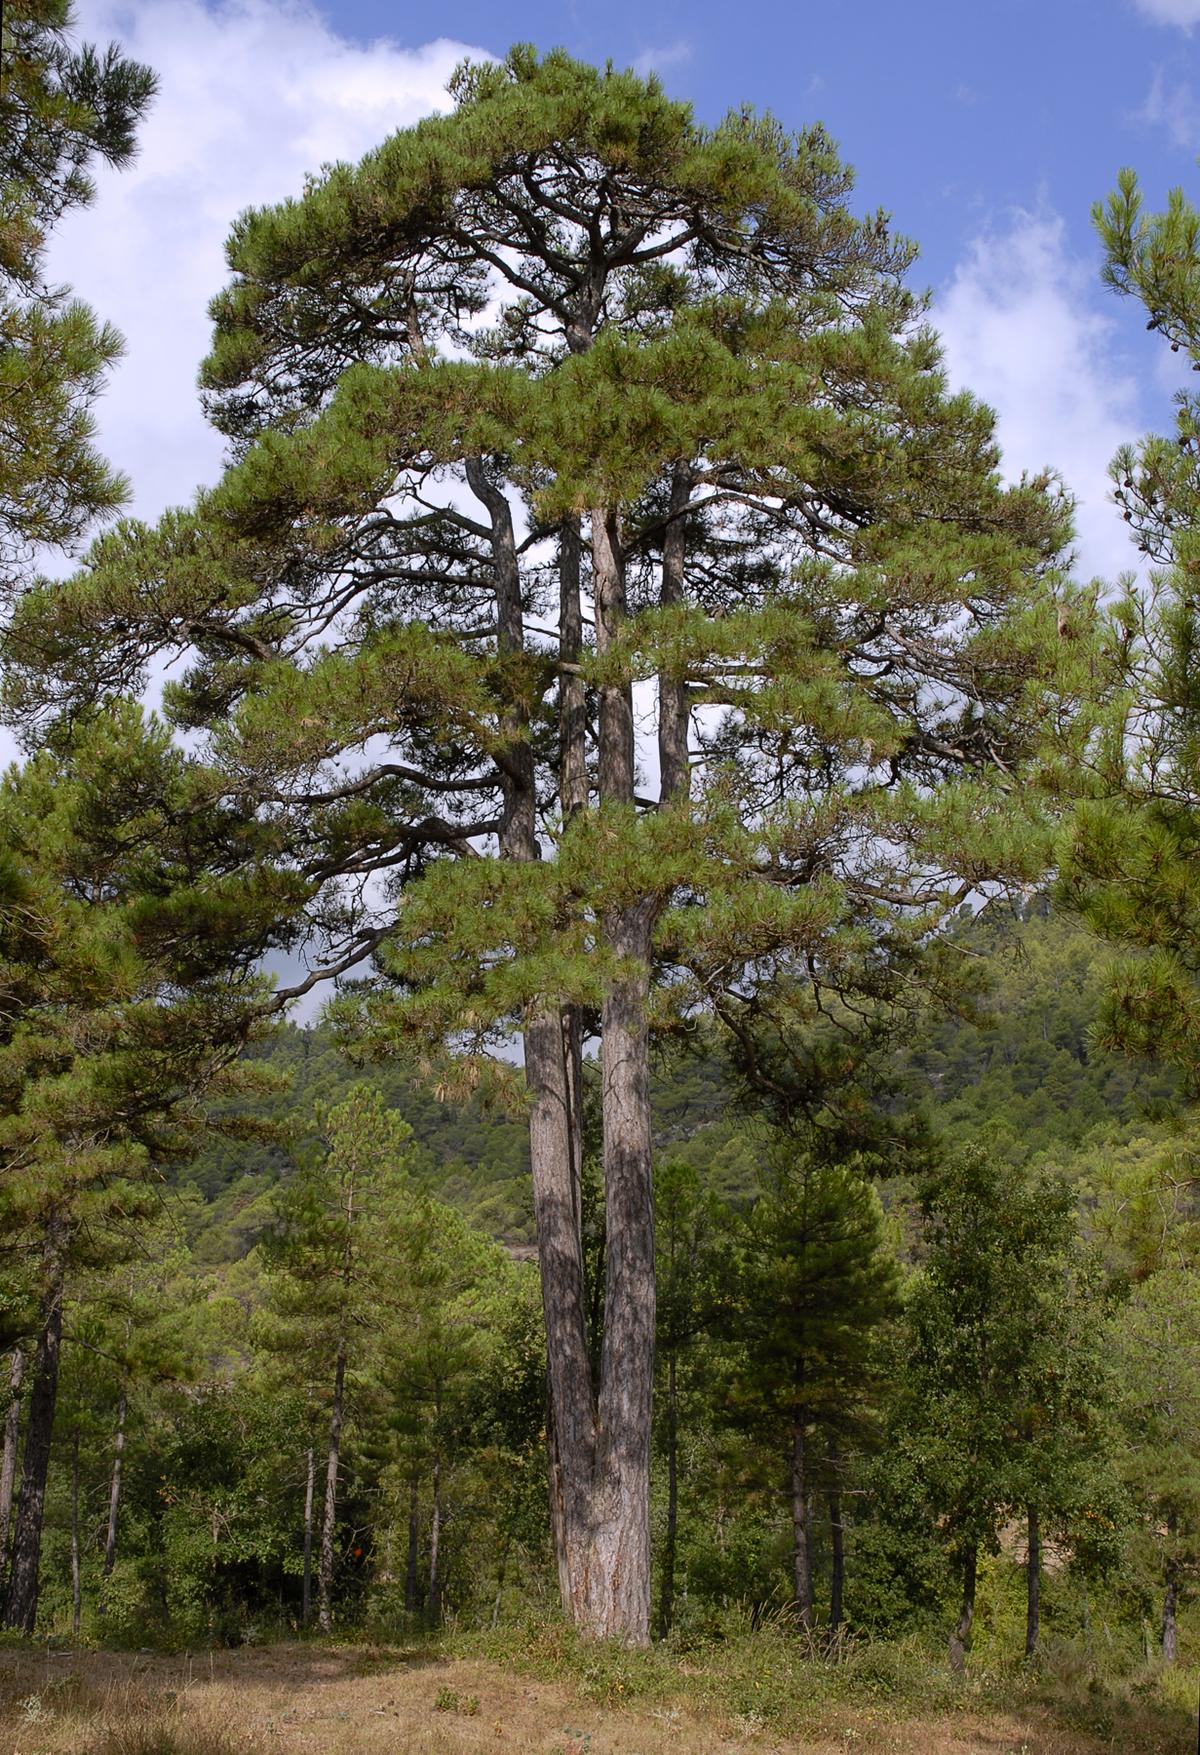 Pinus nigra subsp. salzmannii - Wikispecies